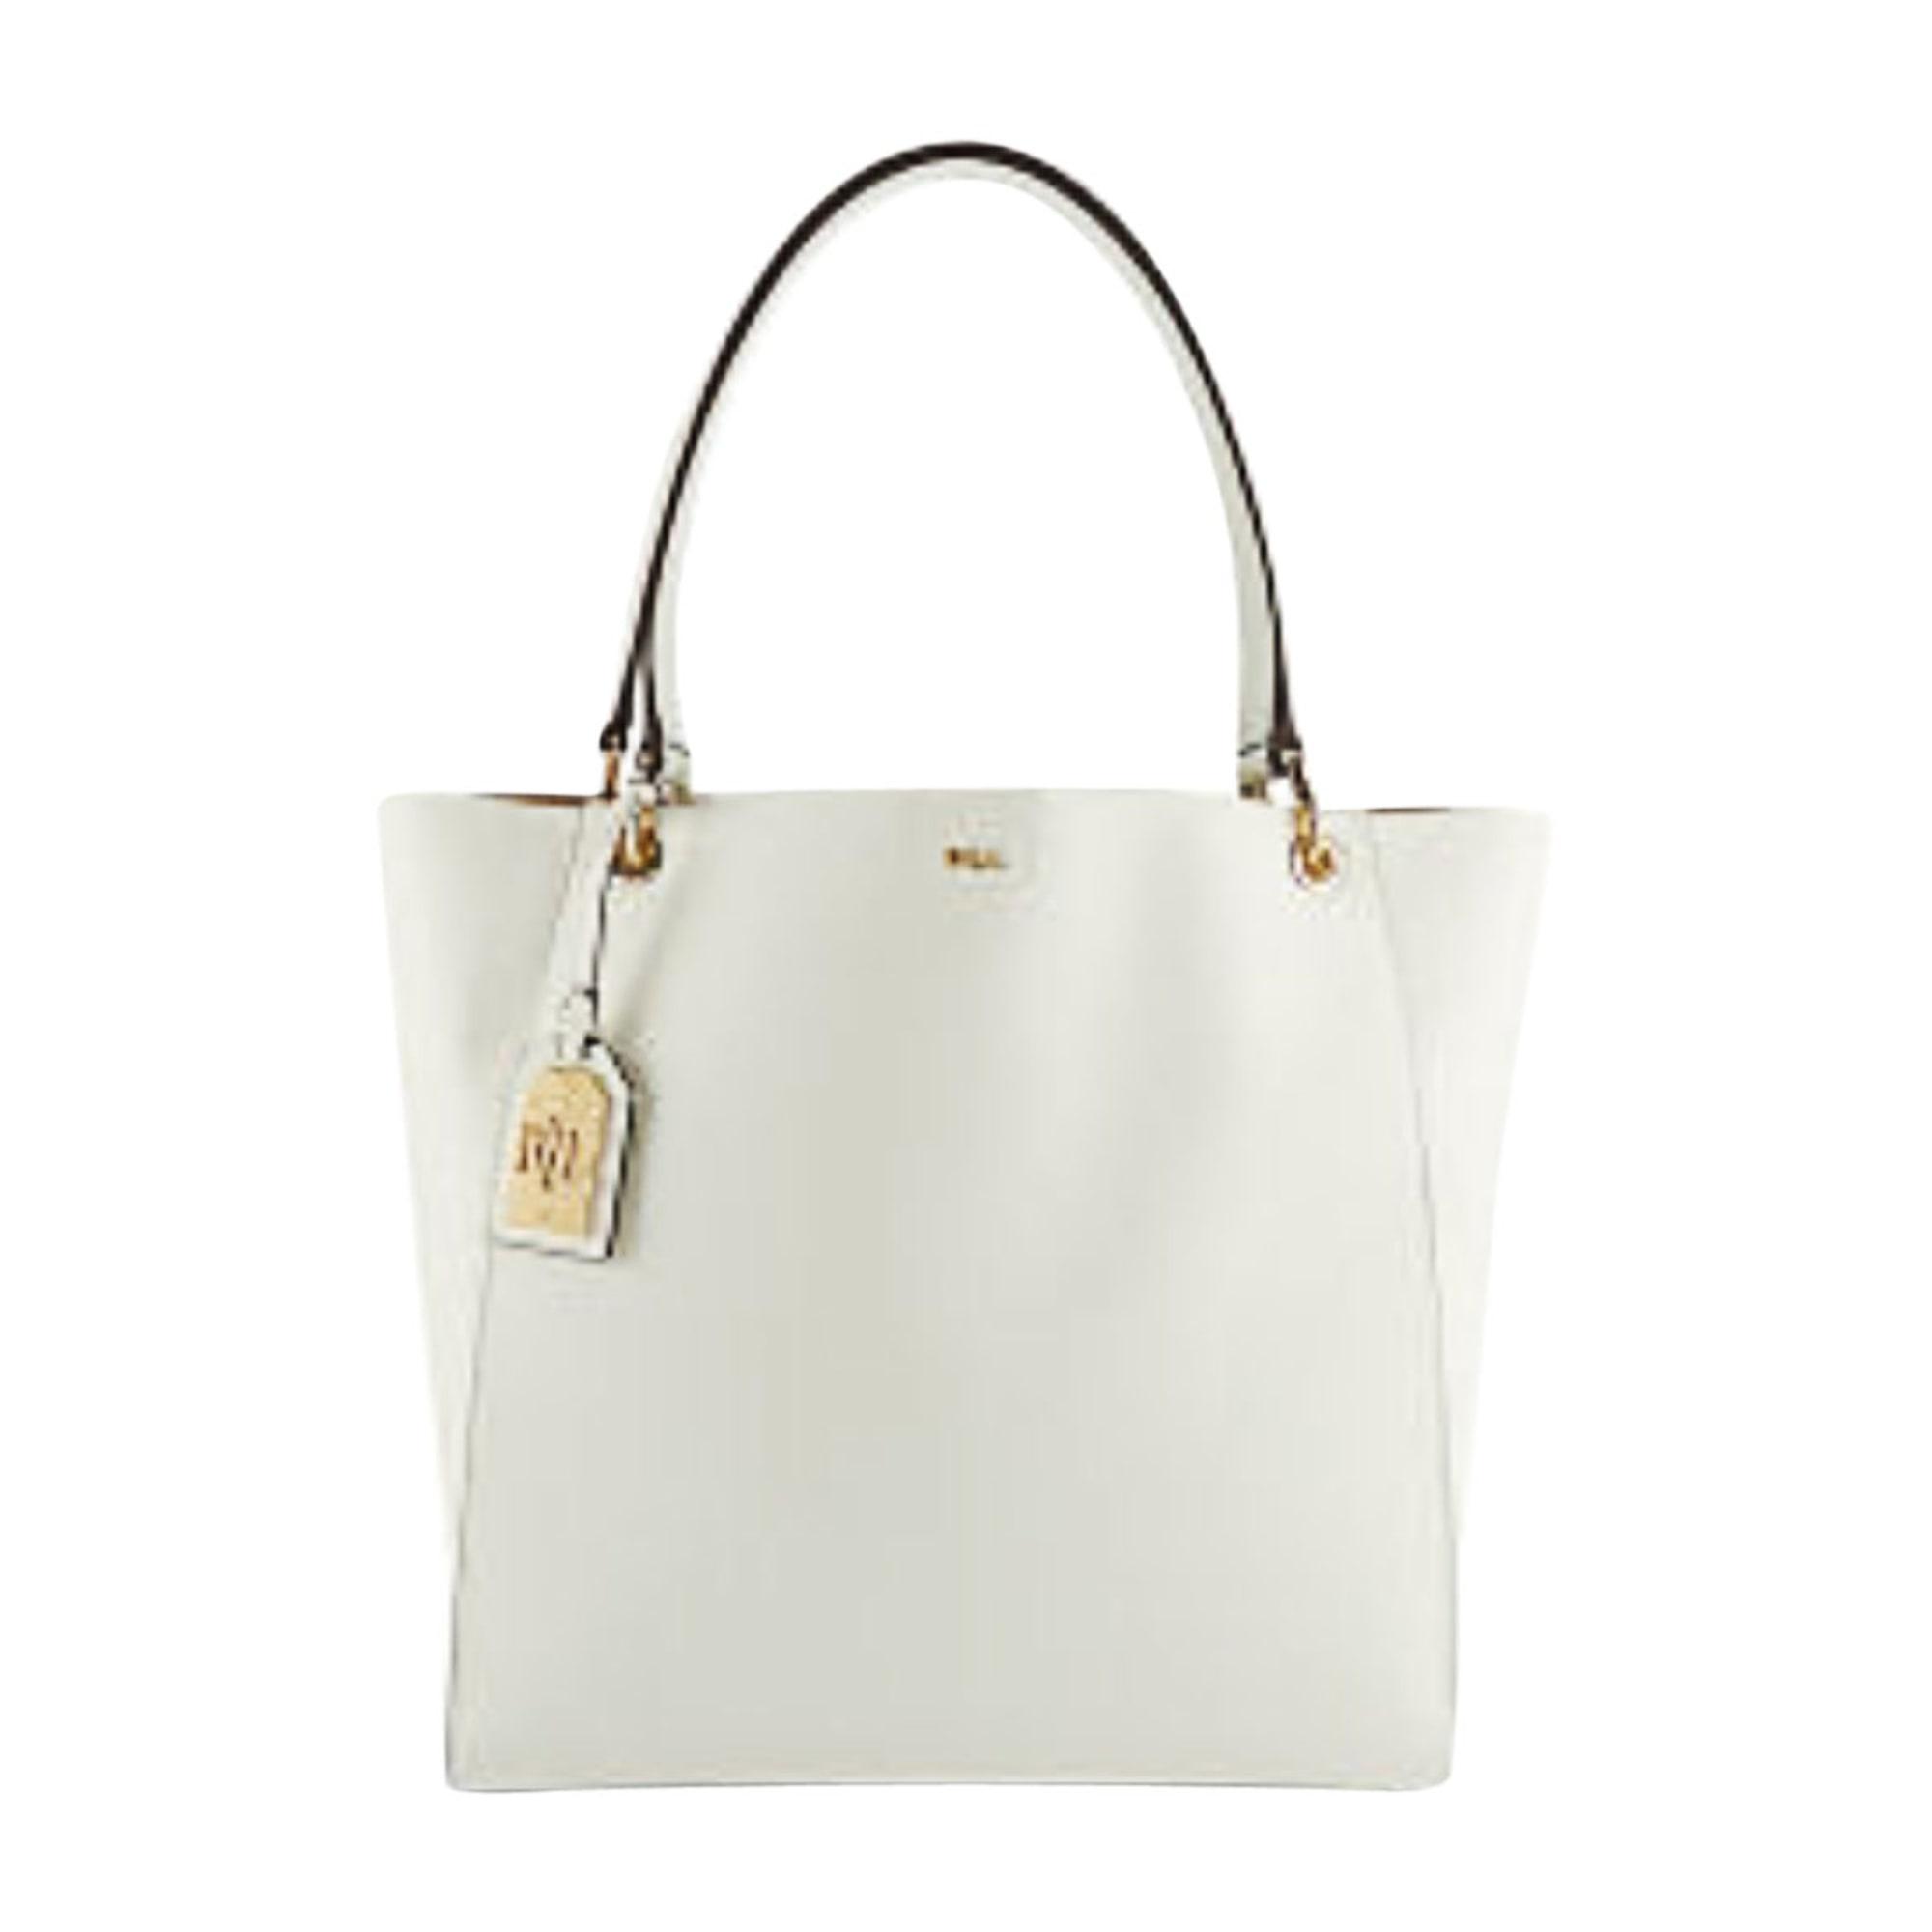 Leather Oversize Bag RALPH LAUREN white